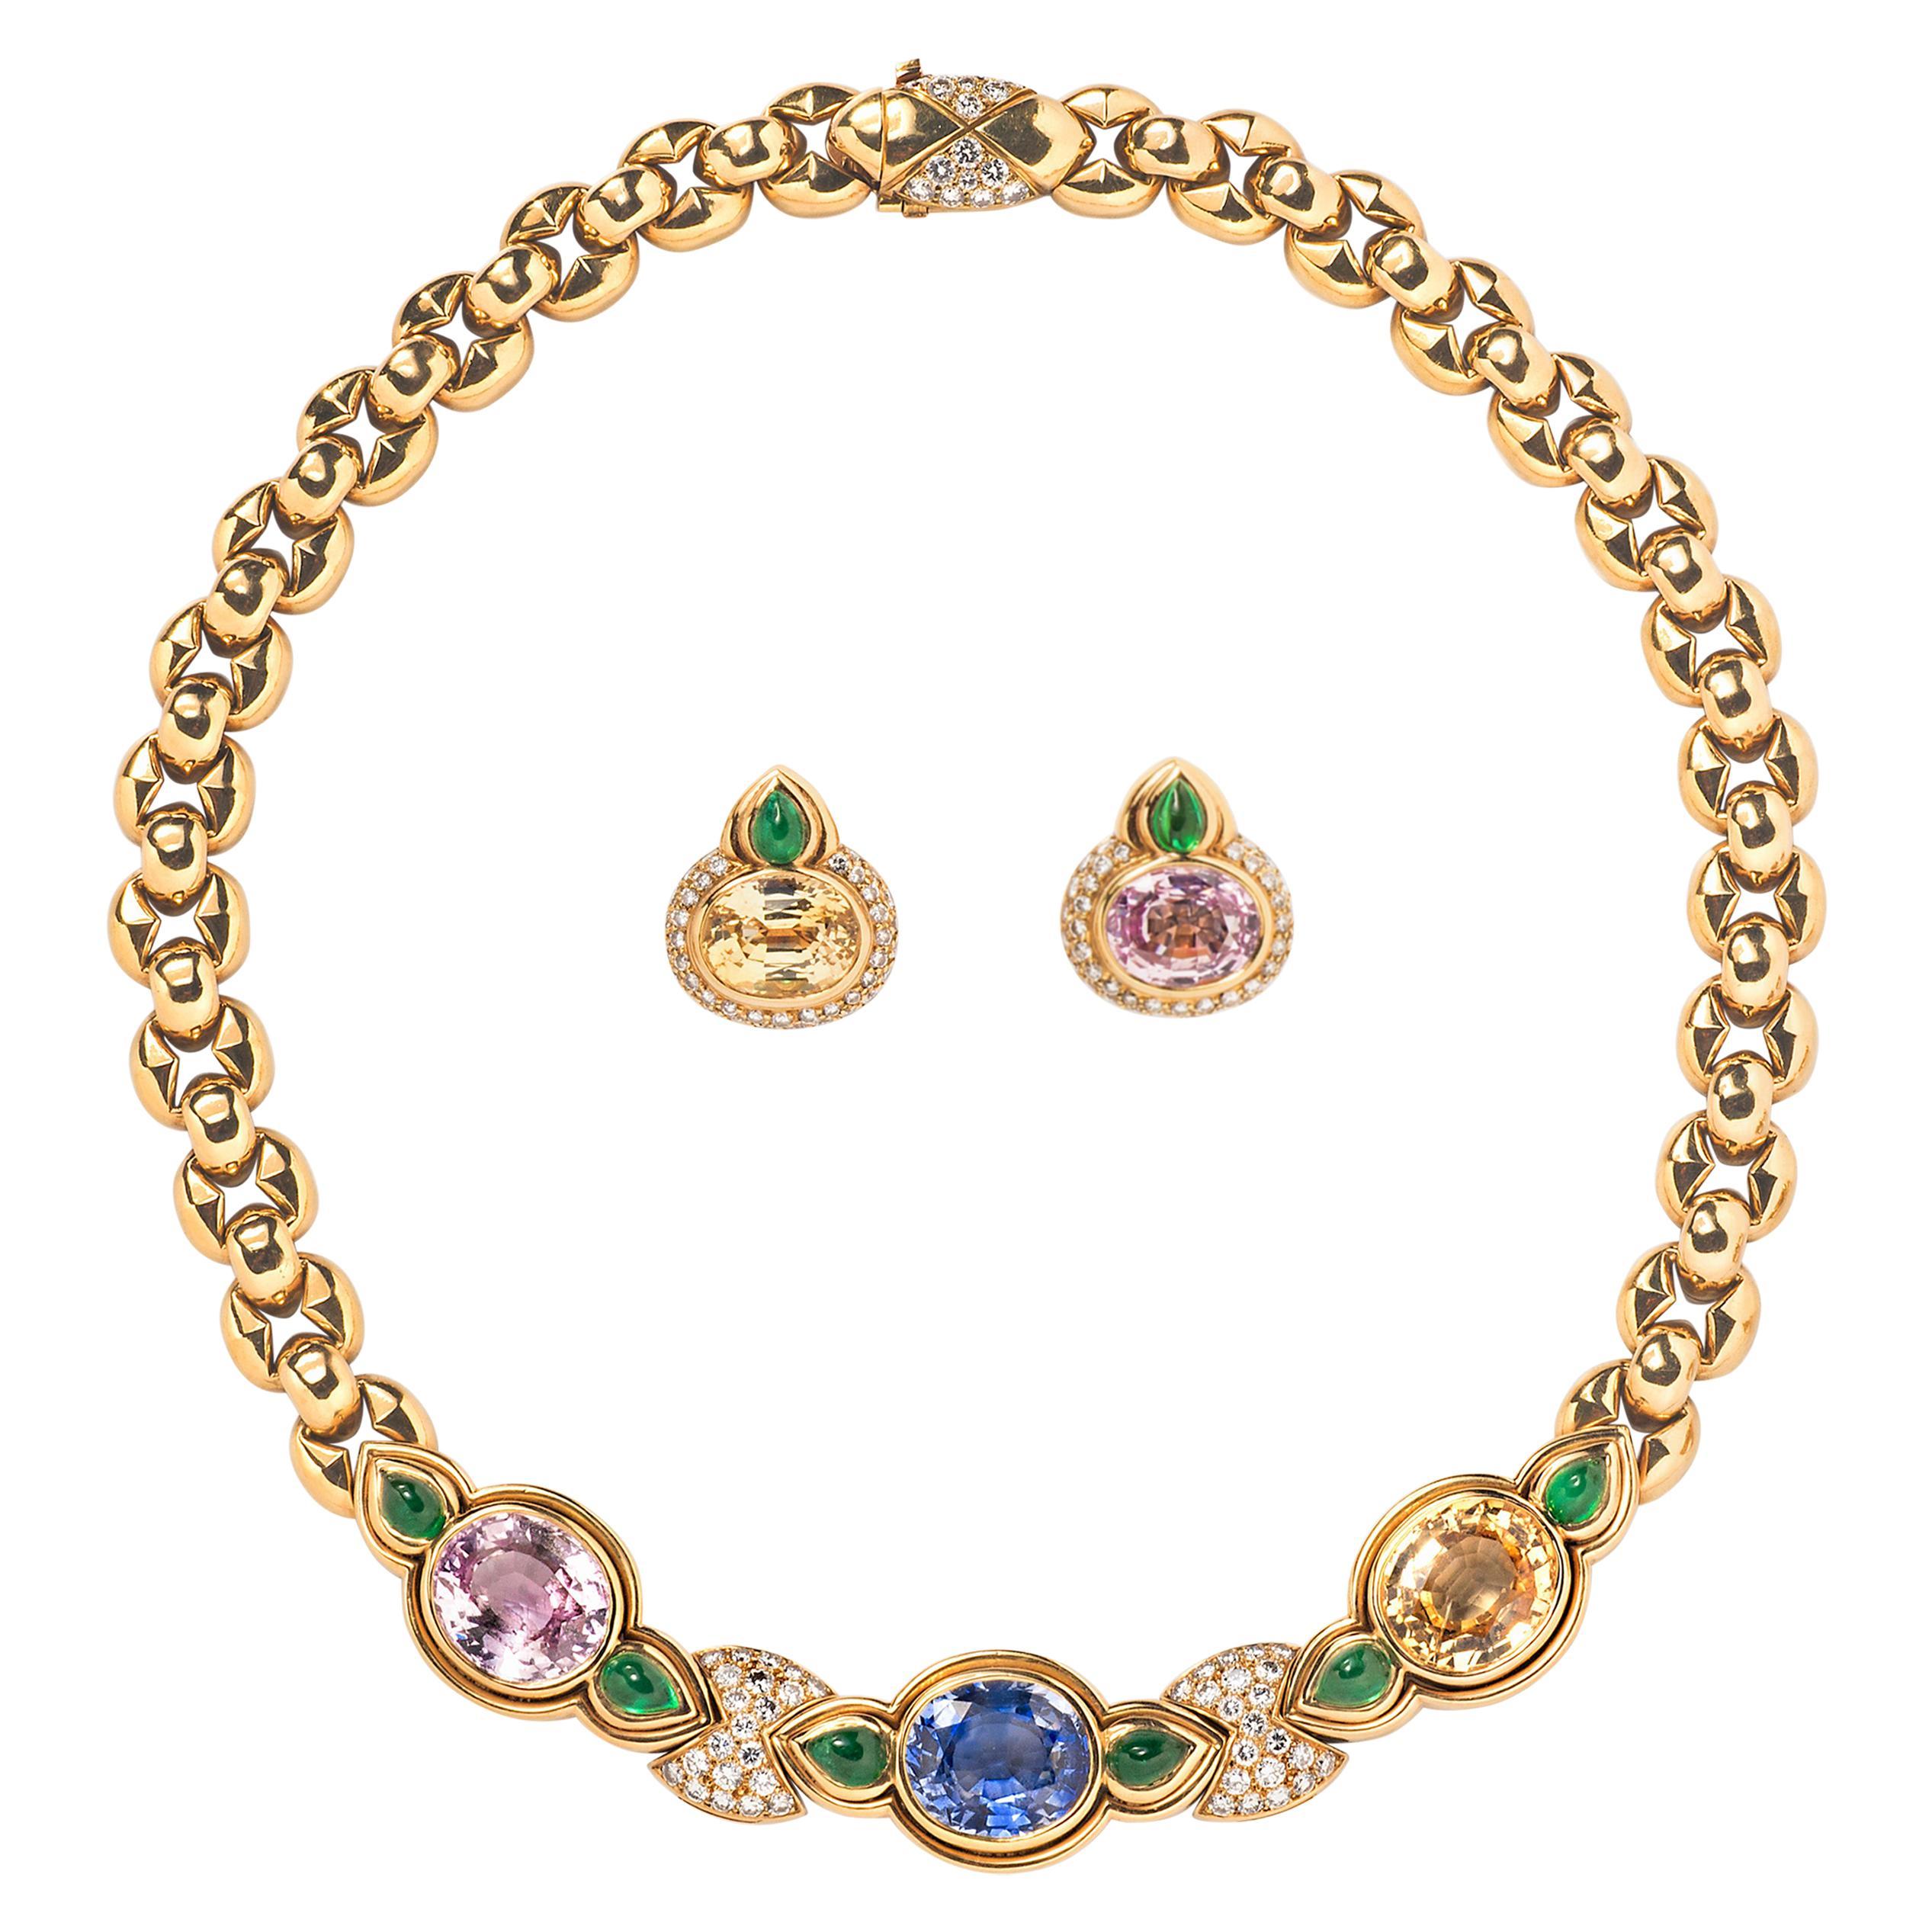 Bulgari Multicolored Sapphire, Emerald and Diamond Necklace and Ear Clip Suite